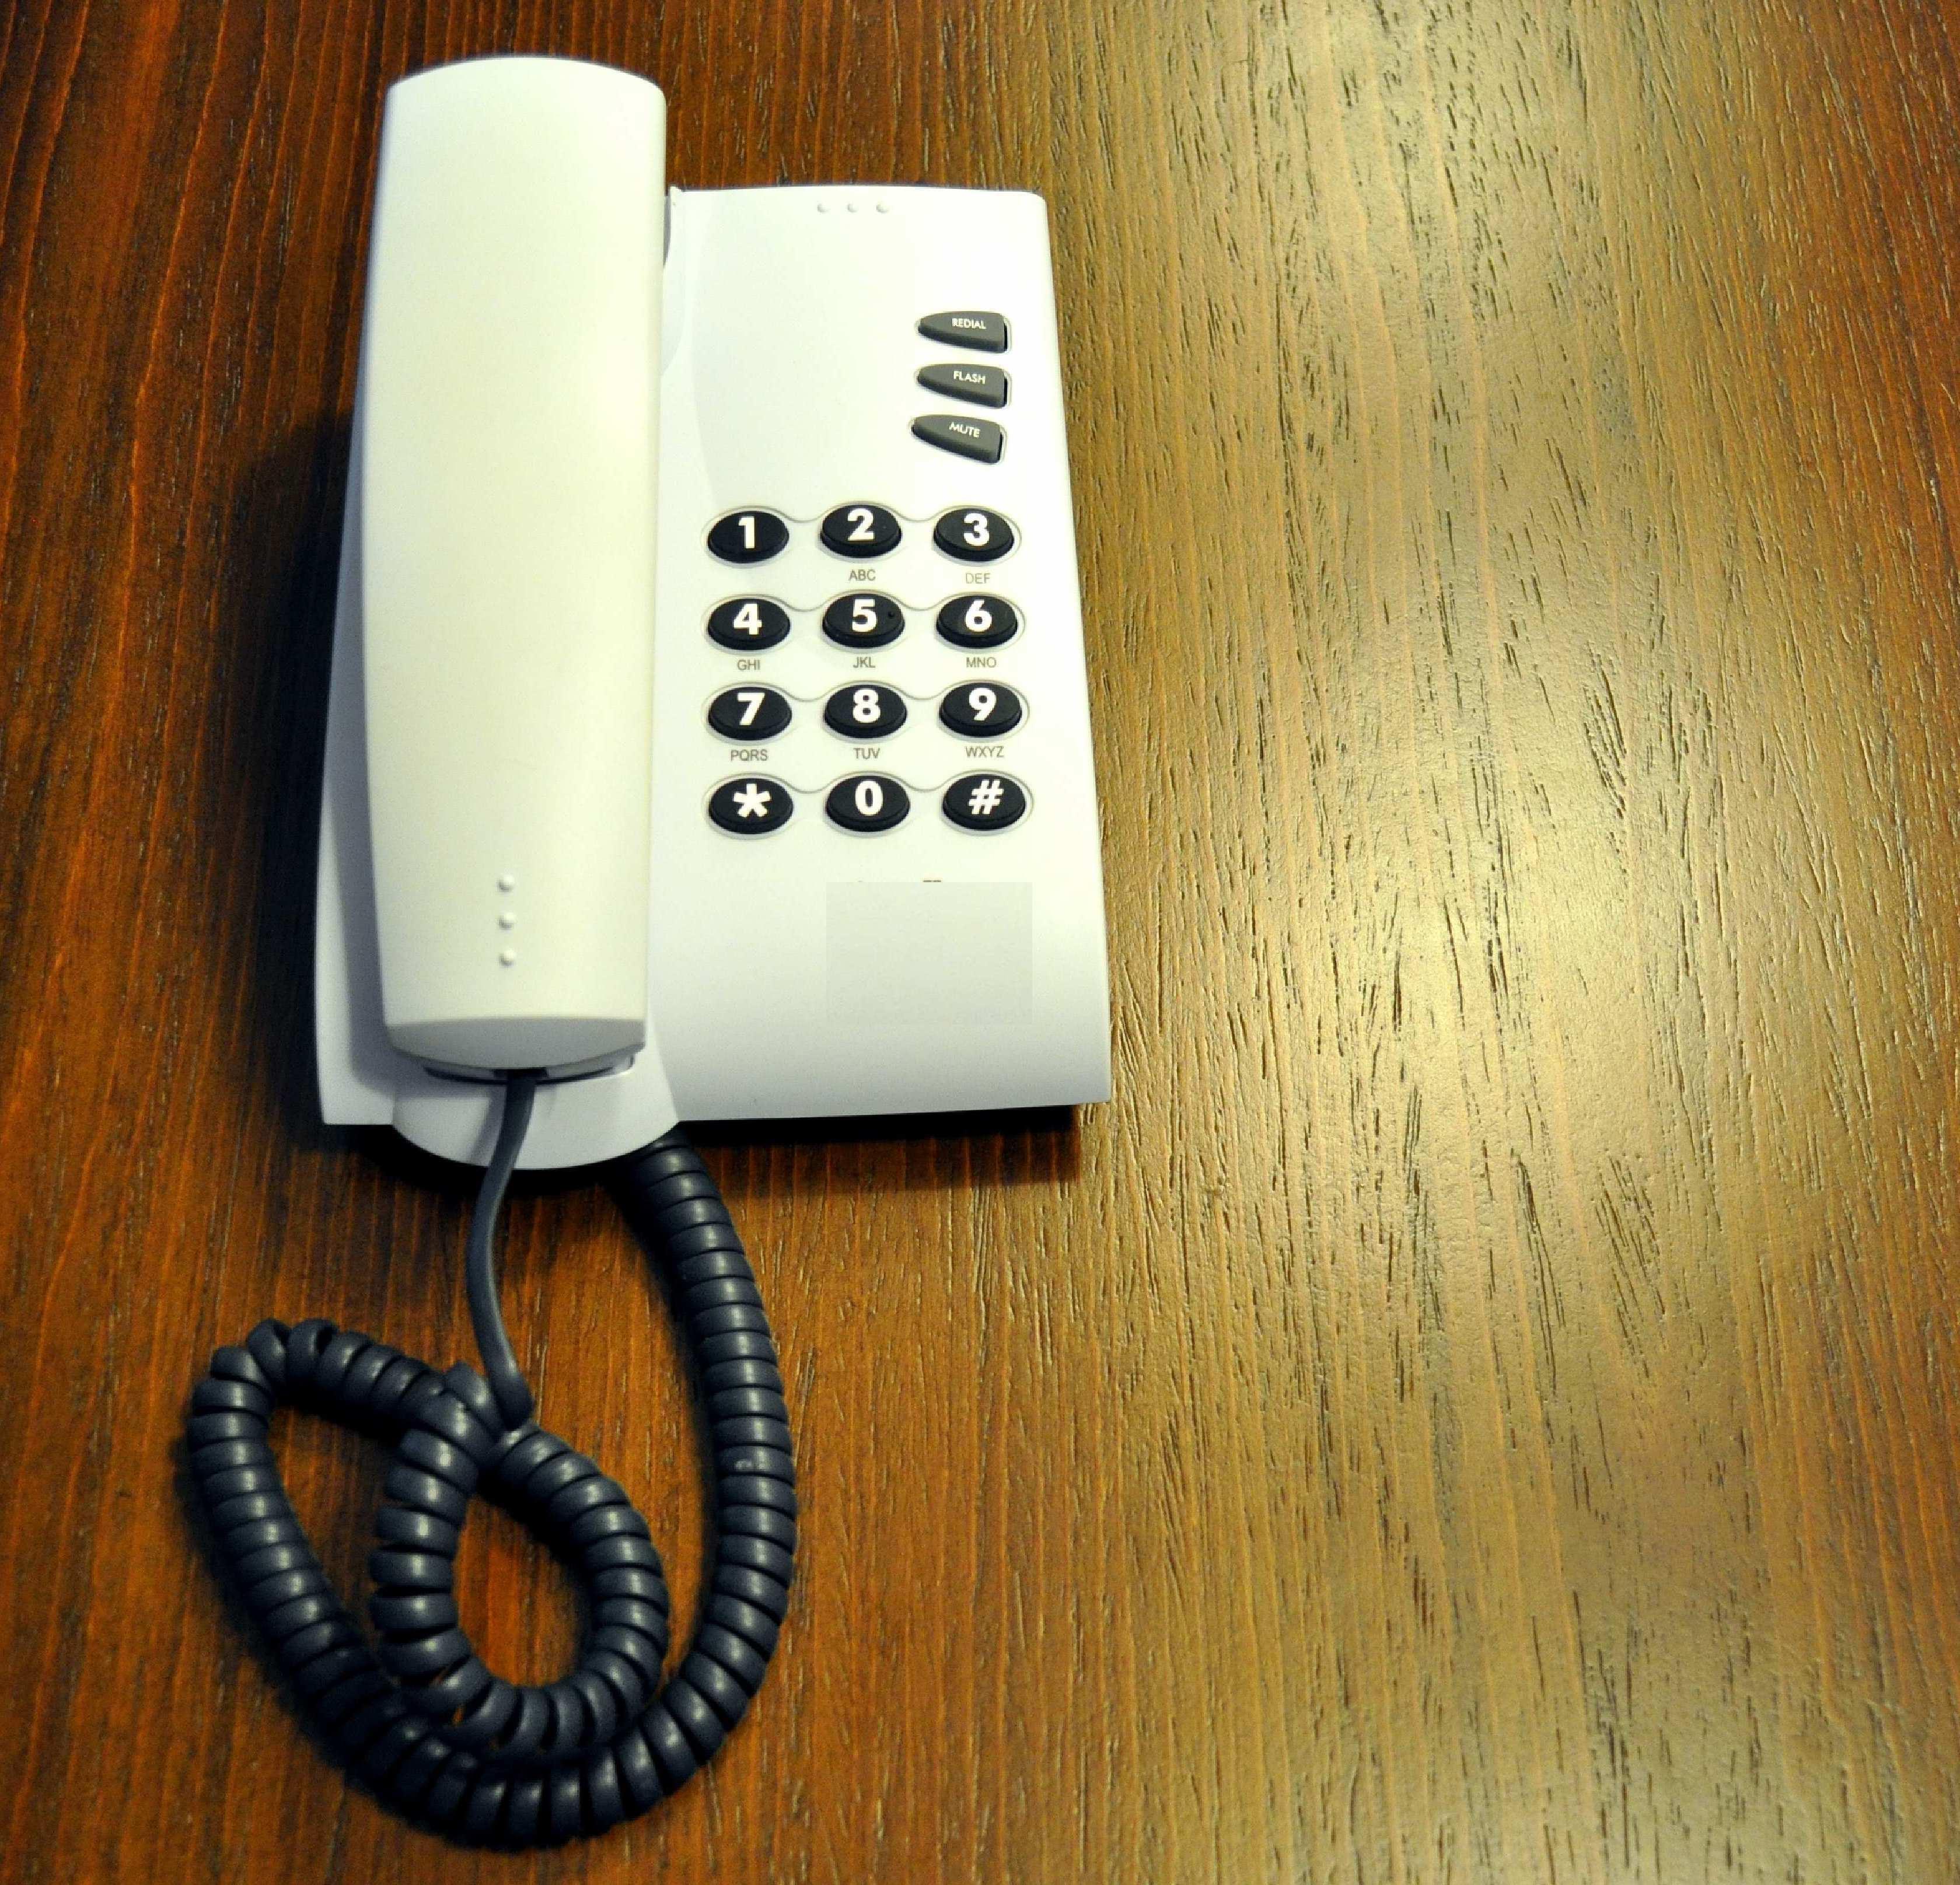 Portare il numero fisso su cellulare: è possibile?